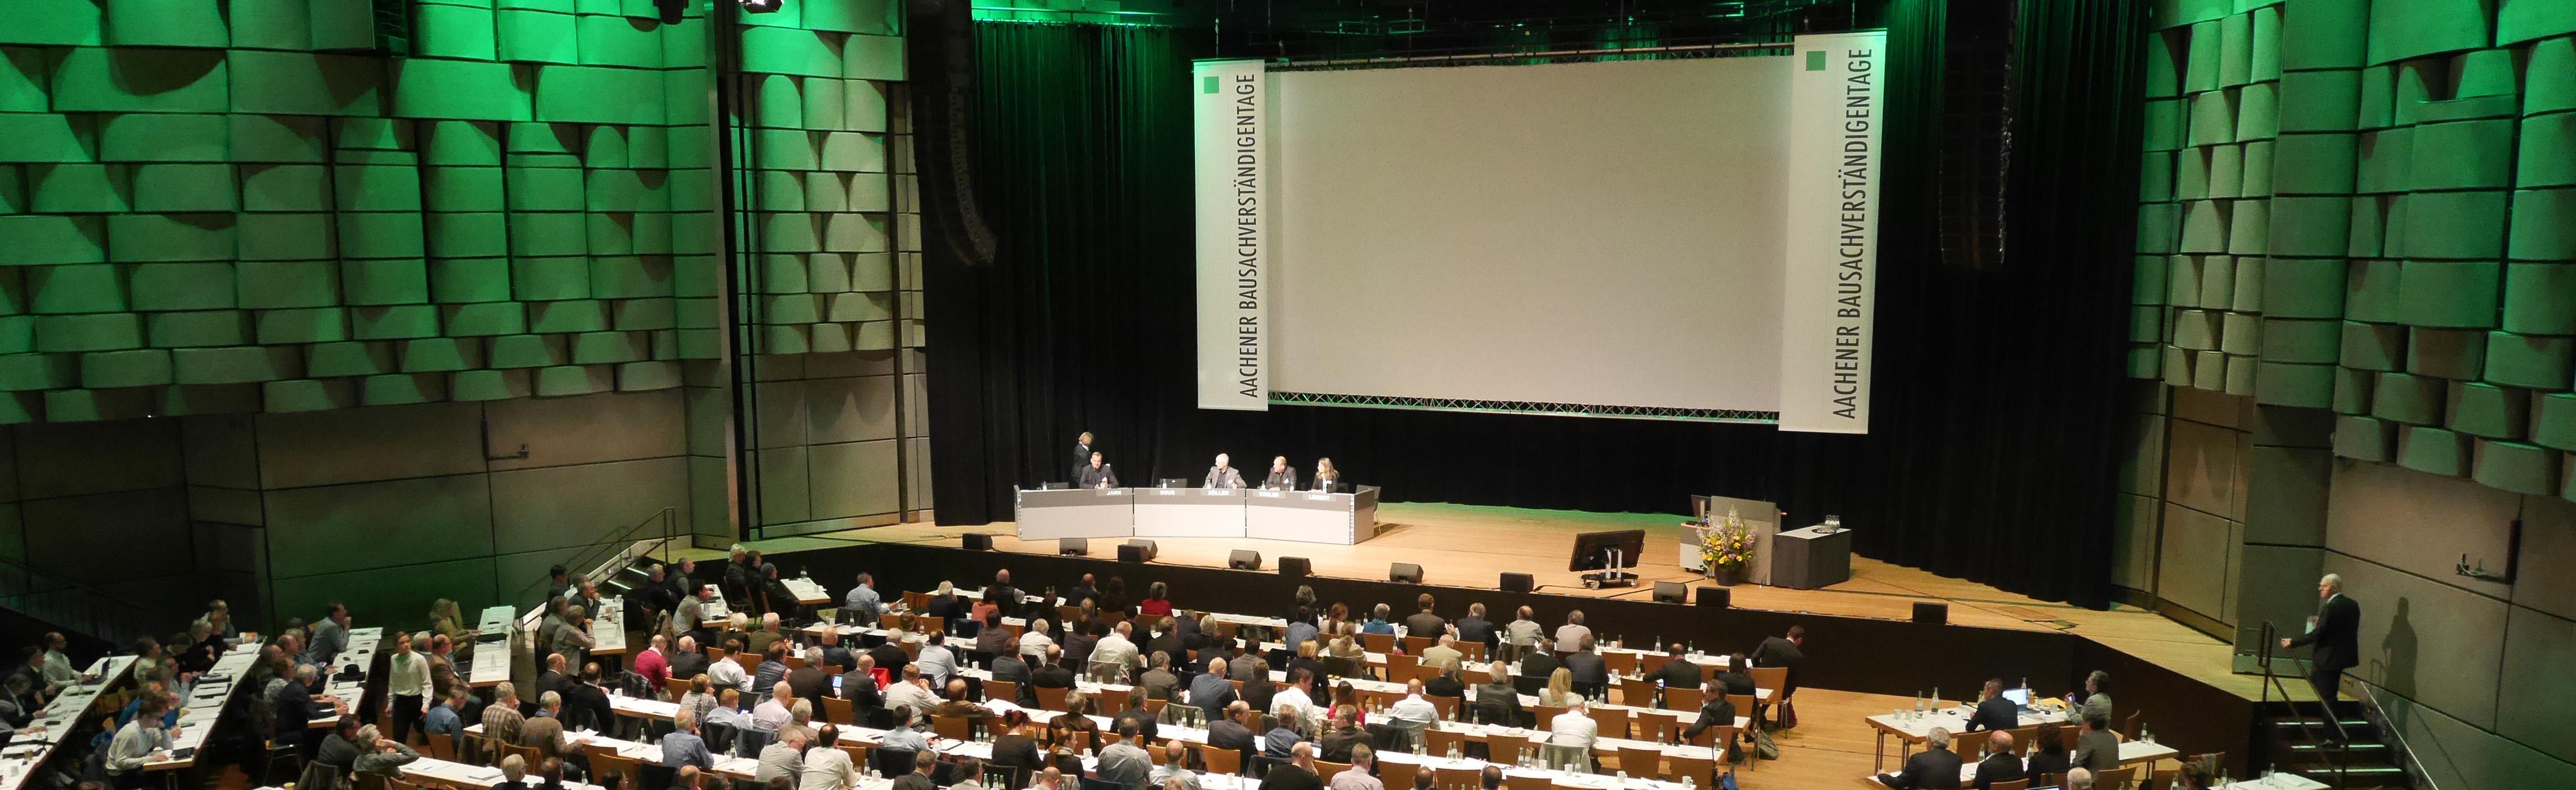 Aachener Bausachverständigentage Vortrag Innenraum Eurogress